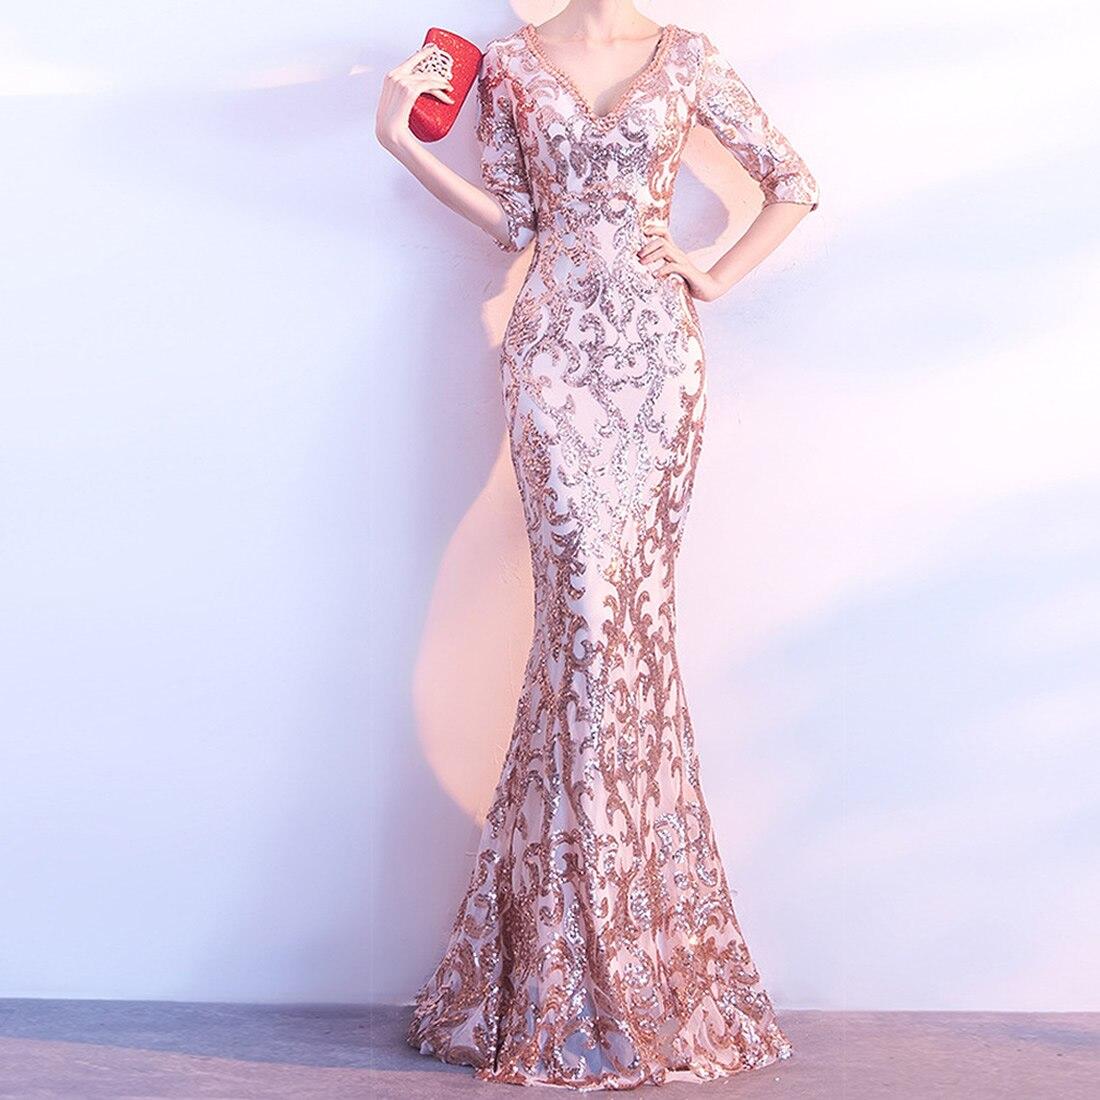 Femmes élégantes demi manches étage longueur sirène longue soirée robe de soirée côté fente Sequin femme perles mode robes 2019